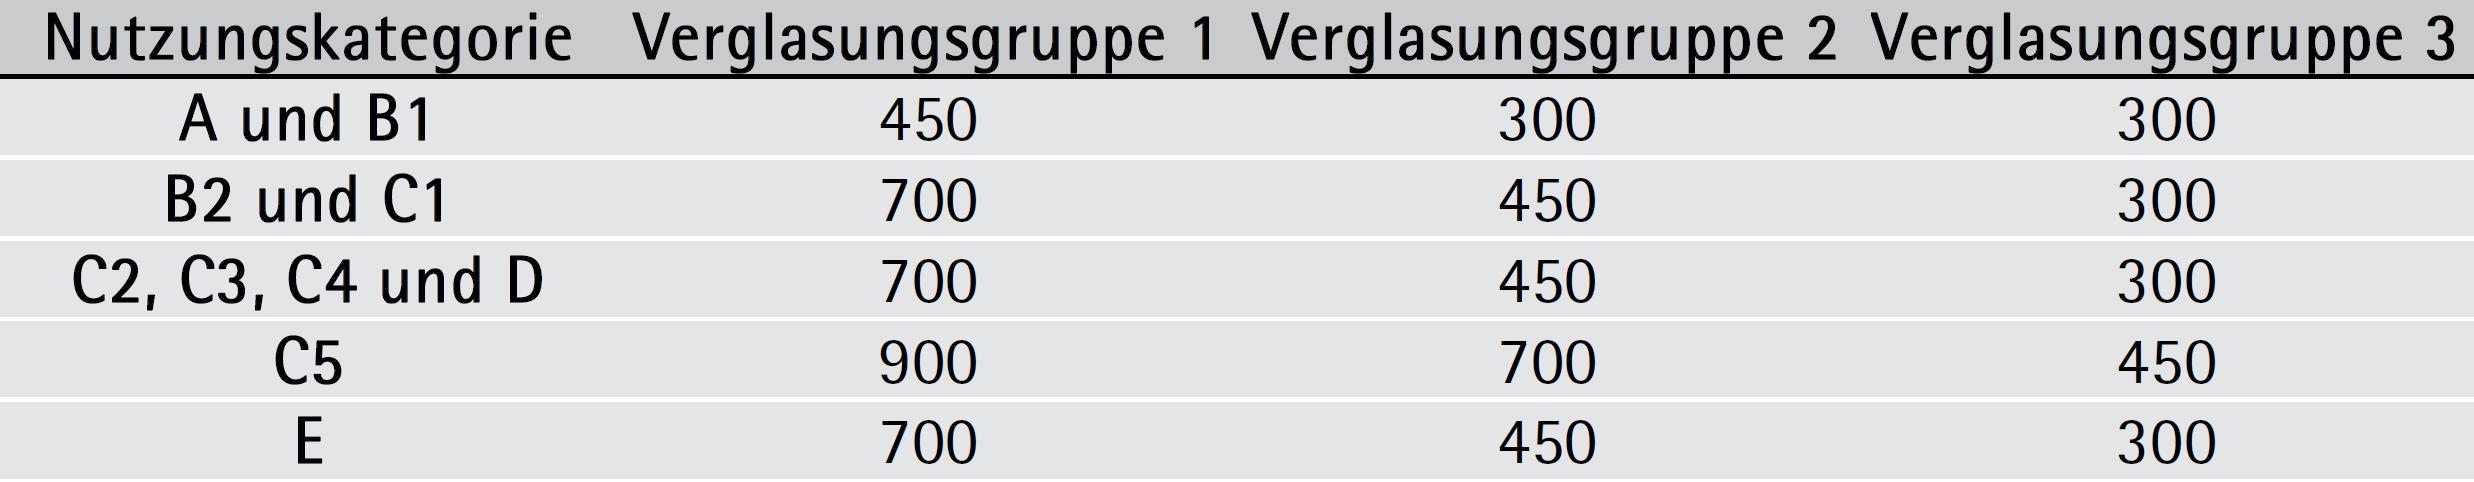 Tabelle 5-17: Pendelfallhöhen in mm – ÖNORM B 3716-3